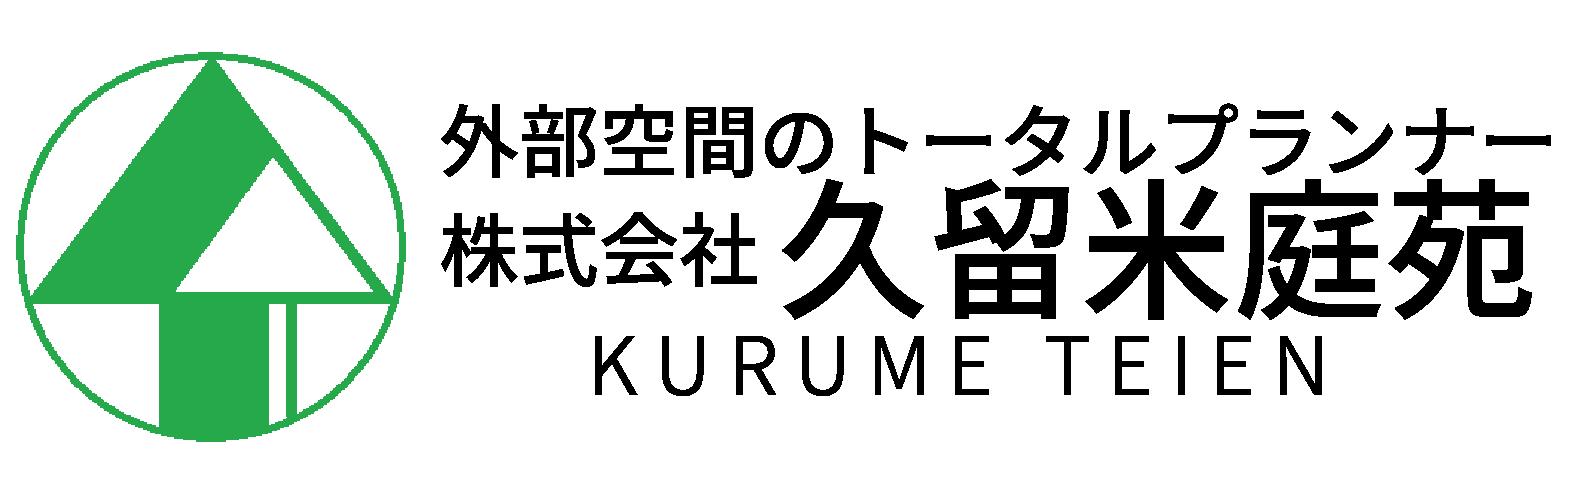 【公式】久留米庭苑(エクステリア・ガーデニング・外構・造園・外部空間のトータルプランナー)